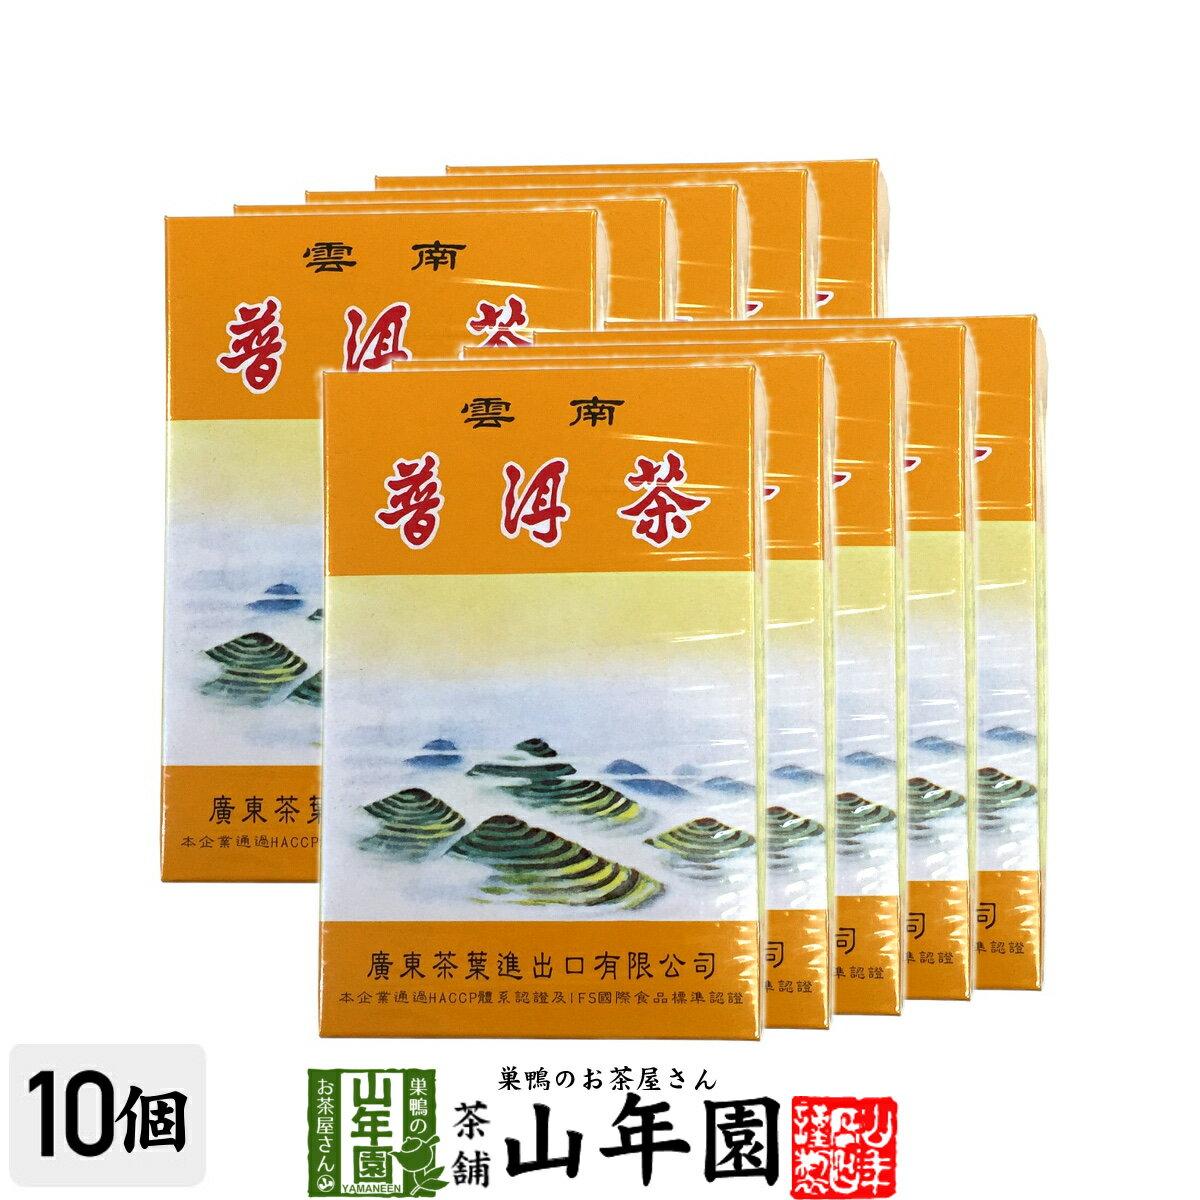 プーアル茶454g×10個セット送料無料美味しいプーアル茶飲みやすいプーアル茶父の日お中元プチギフト